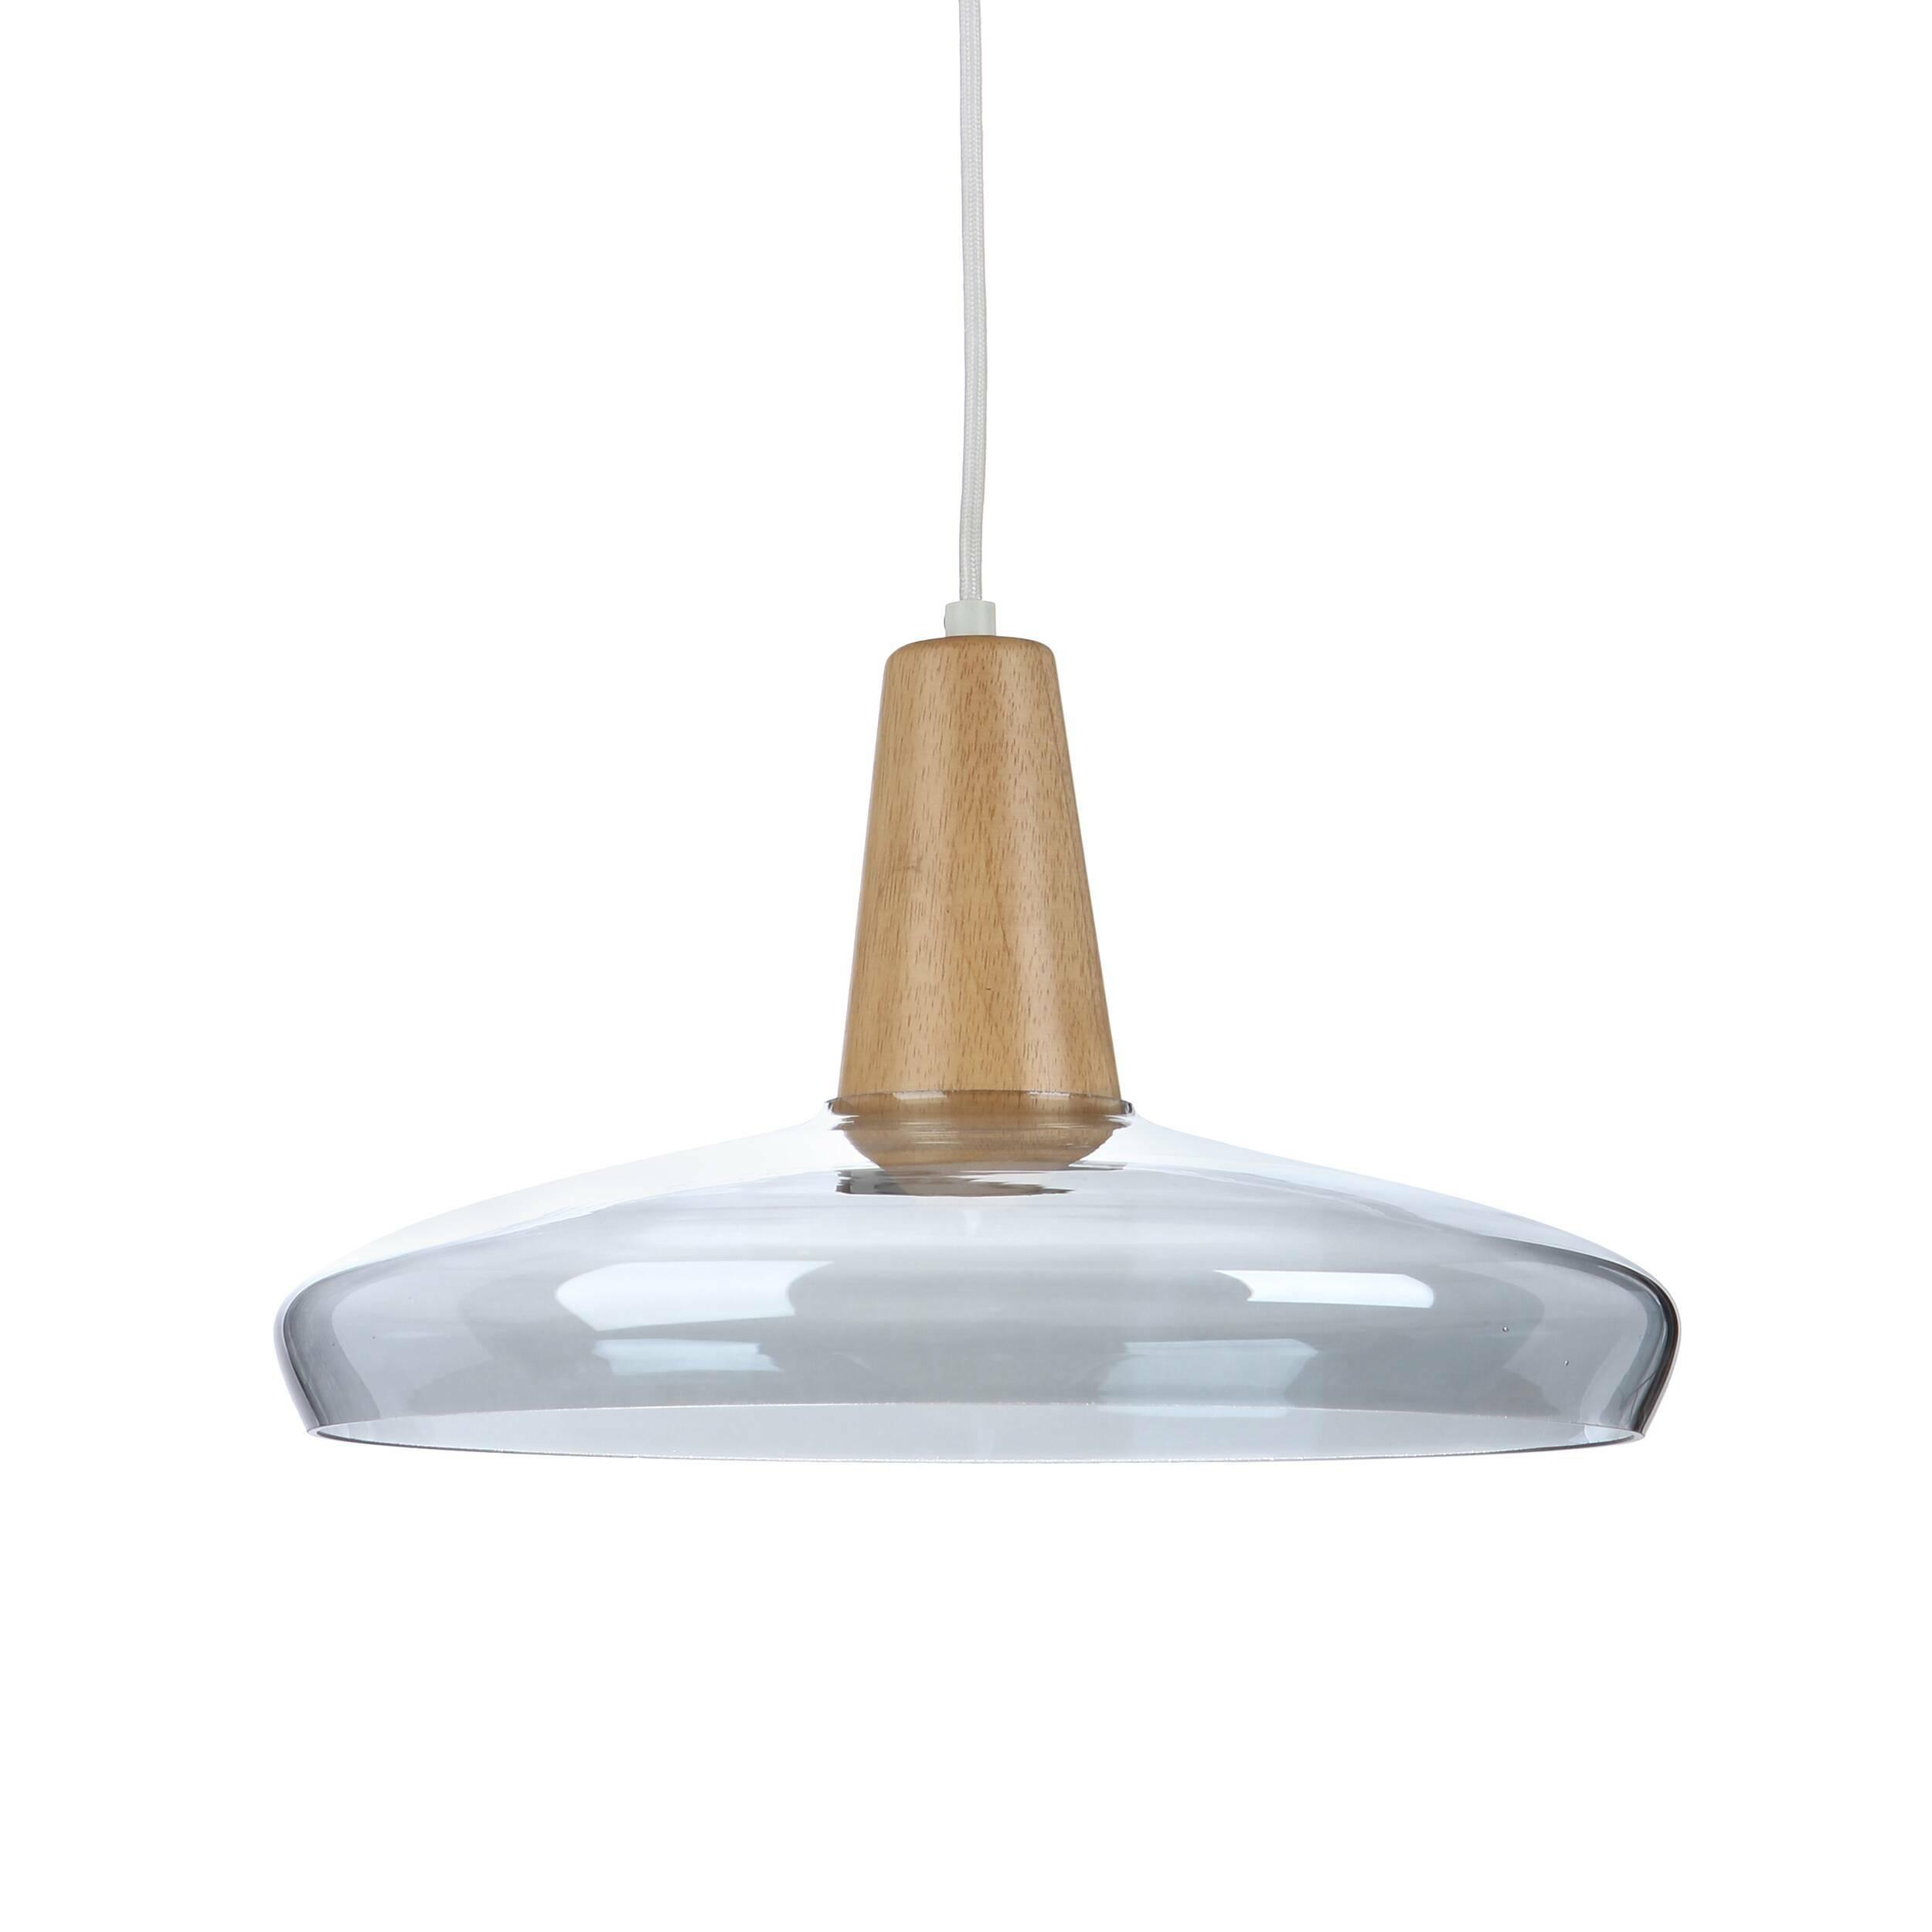 Подвесной светильник Industrial диаметр 37,5Подвесные<br>Подвесной светильник Industrial диаметр 37,5 — одна из моделей одноименной коллекции. Каждый из светильников линейки отличается формой и диаметром, но выполнен из одних и тех же материалов. Единая стилистика помогает использовать сразу несколько моделей в одном помещении. Многоуровневое освещение — это популярное в современном дизайне явление. Интерьер с ярусной подсветкой выглядит всегда ярко и стильно.<br><br><br> Коллекция выполнена в стиле эко — все отобранные для производства материалы име...<br><br>stock: 19<br>Высота: 180<br>Диаметр: 37,5<br>Материал абажура: Стекло<br>Материал арматуры: Дерево<br>Мощность лампы: 5<br>Ламп в комплекте: Нет<br>Напряжение: 220<br>Тип лампы/цоколь: LED<br>Цвет абажура: Синий